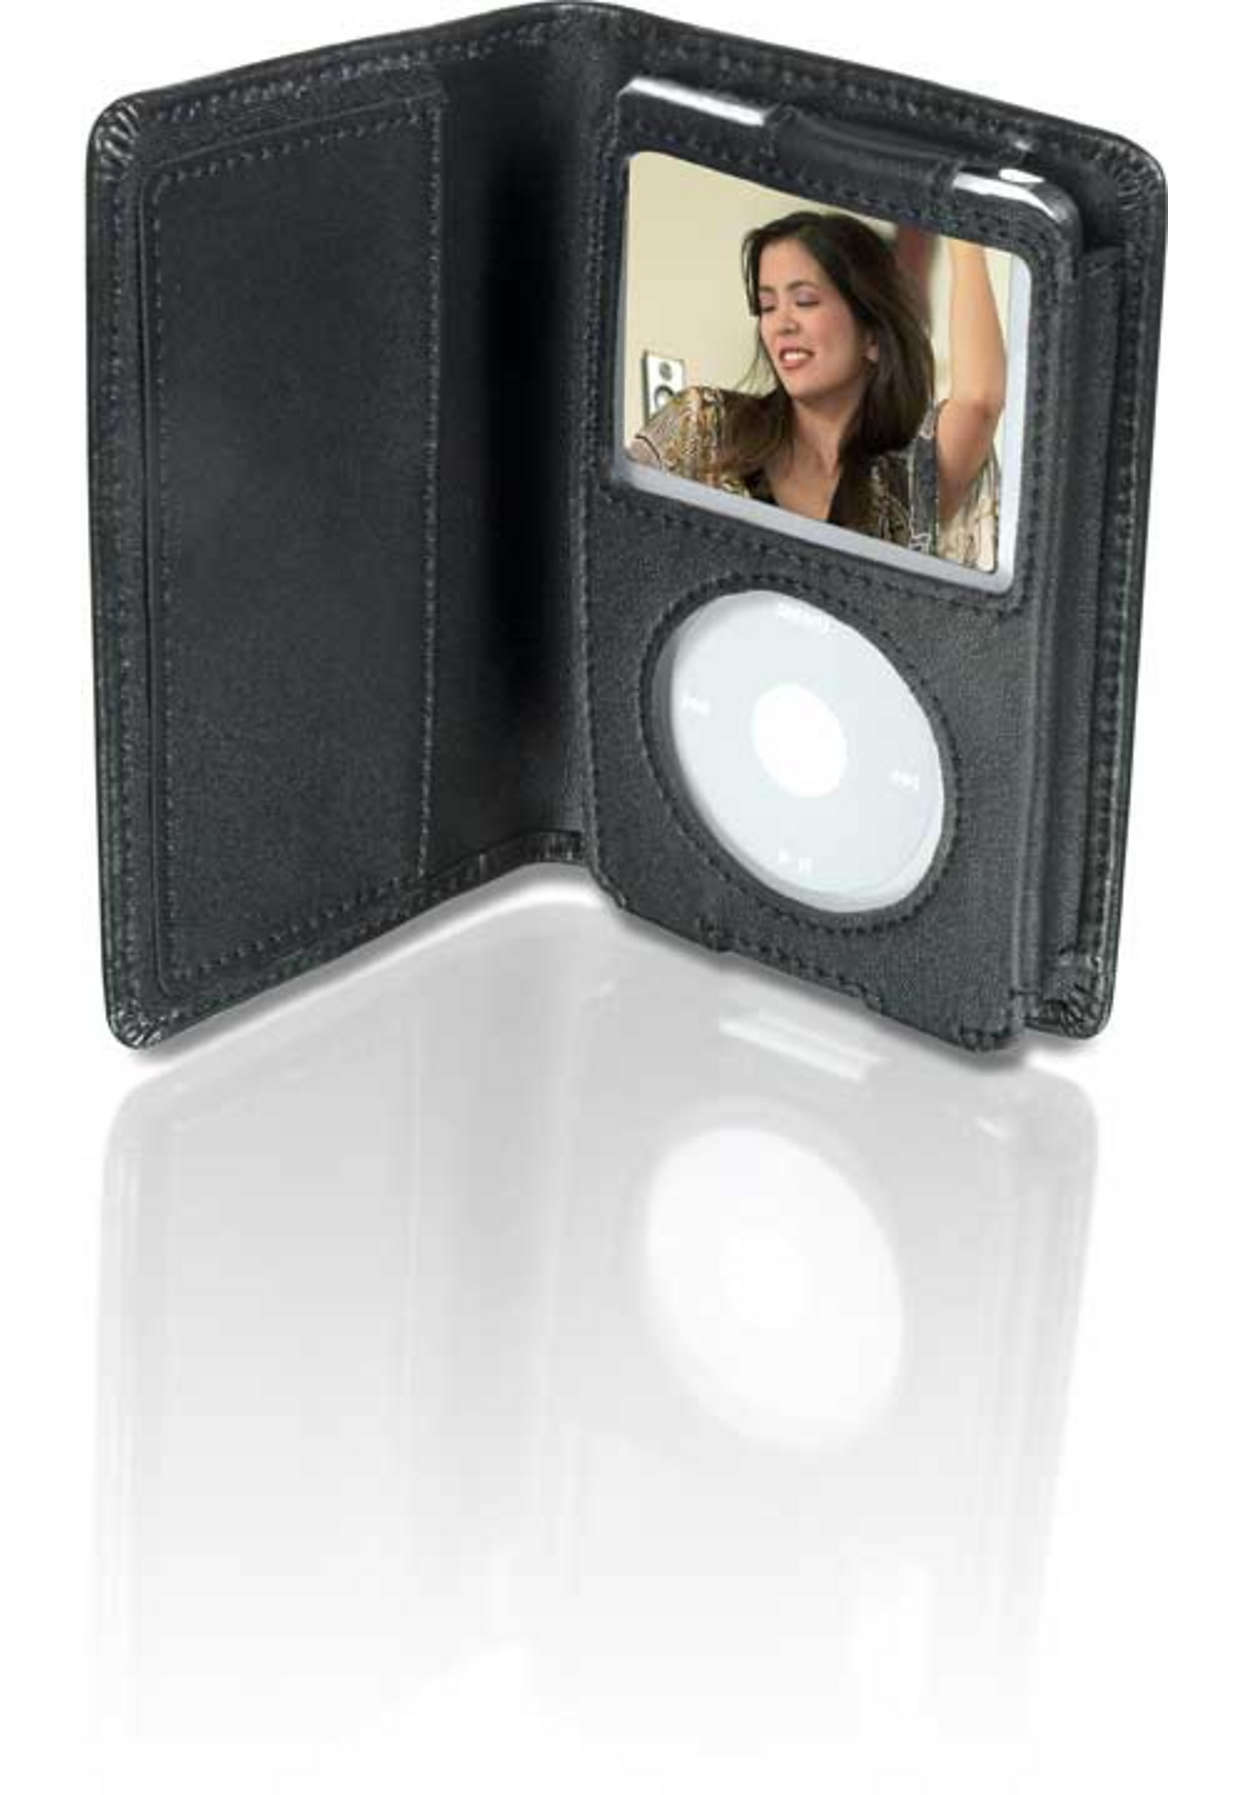 Suojaa iPod videosi tyylikkäästi